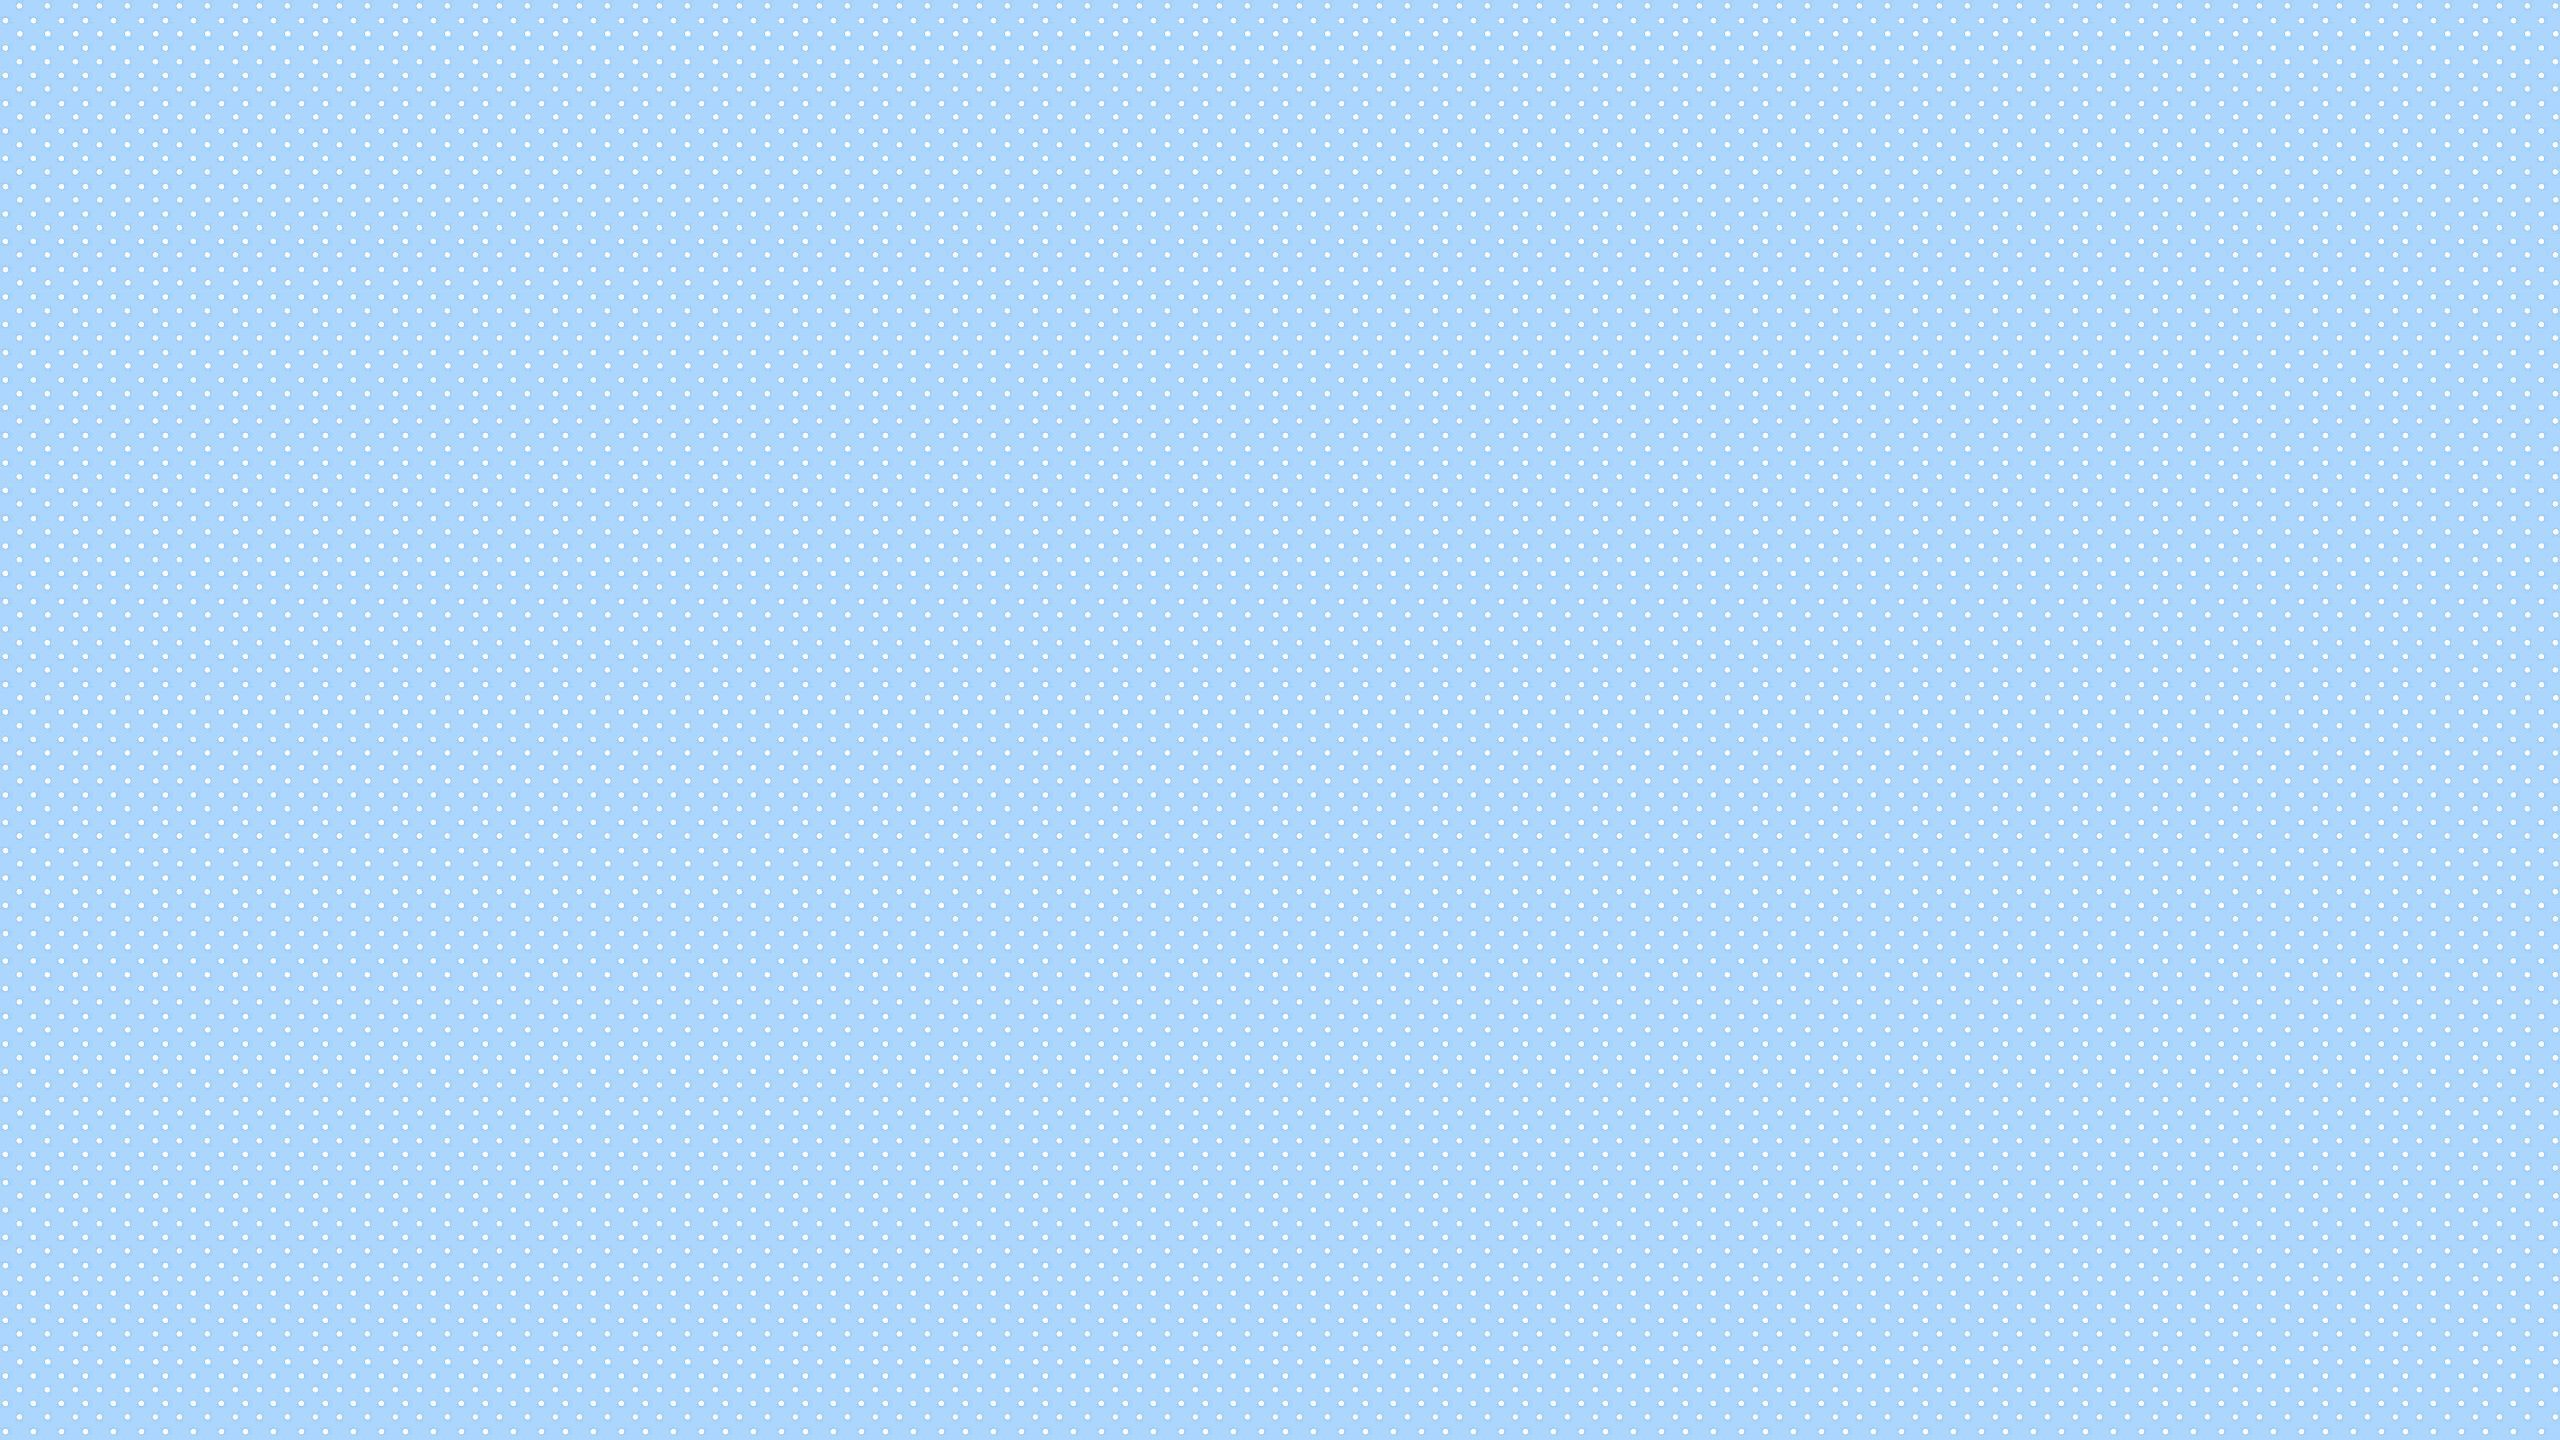 Fondos de pantalla azul pastel